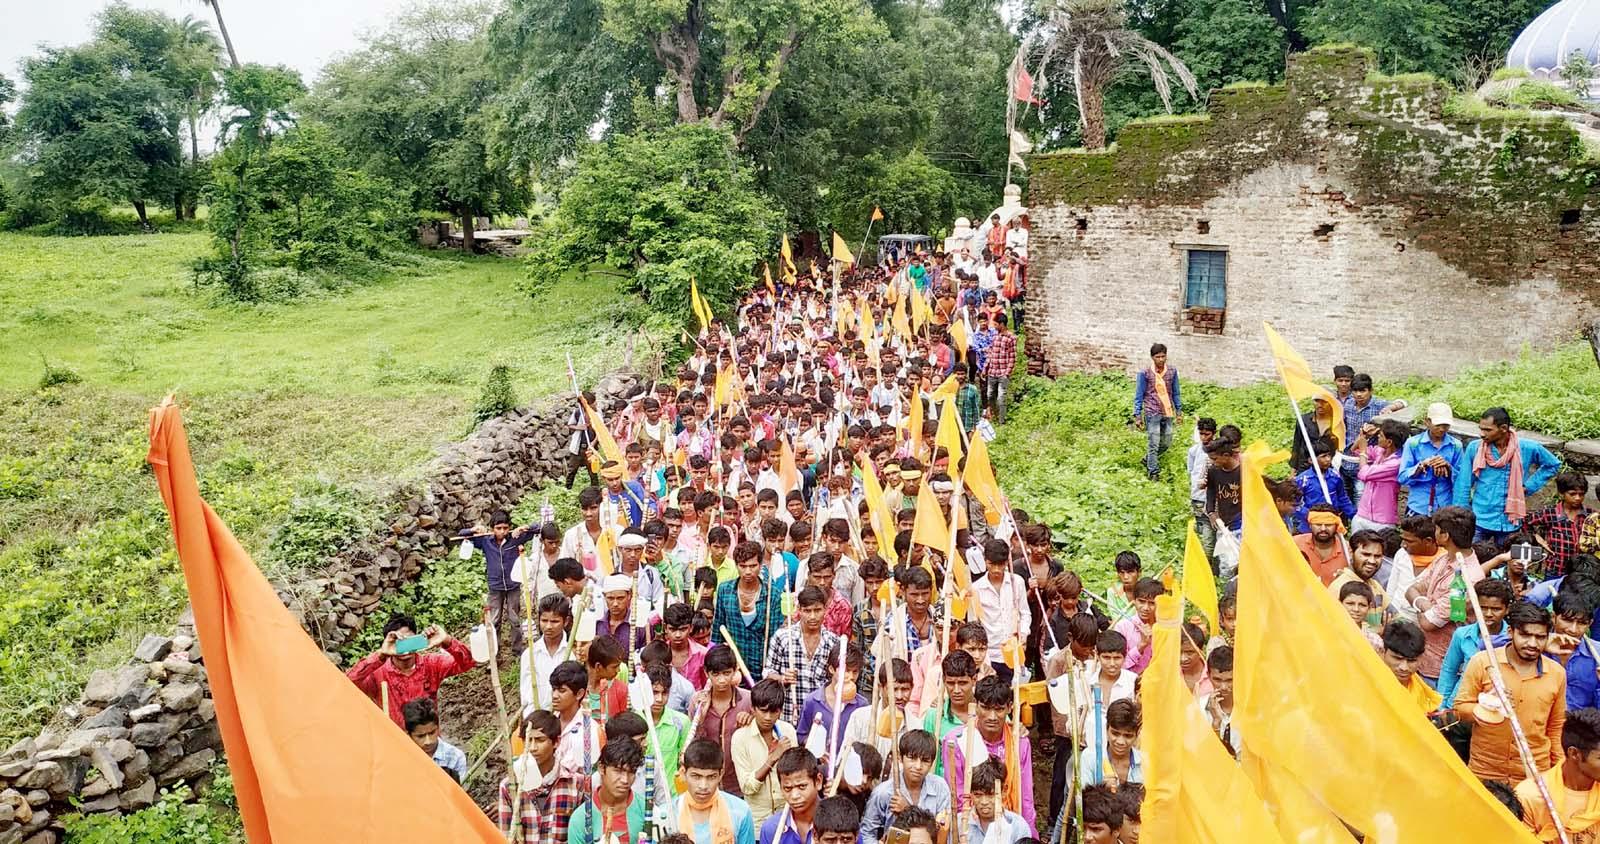 jhabua news-जय हिंद ग्रुप एवं अजमेरसिंह भूरिया के नेतृत्व में निकली भव्य कावड़ यात्रा